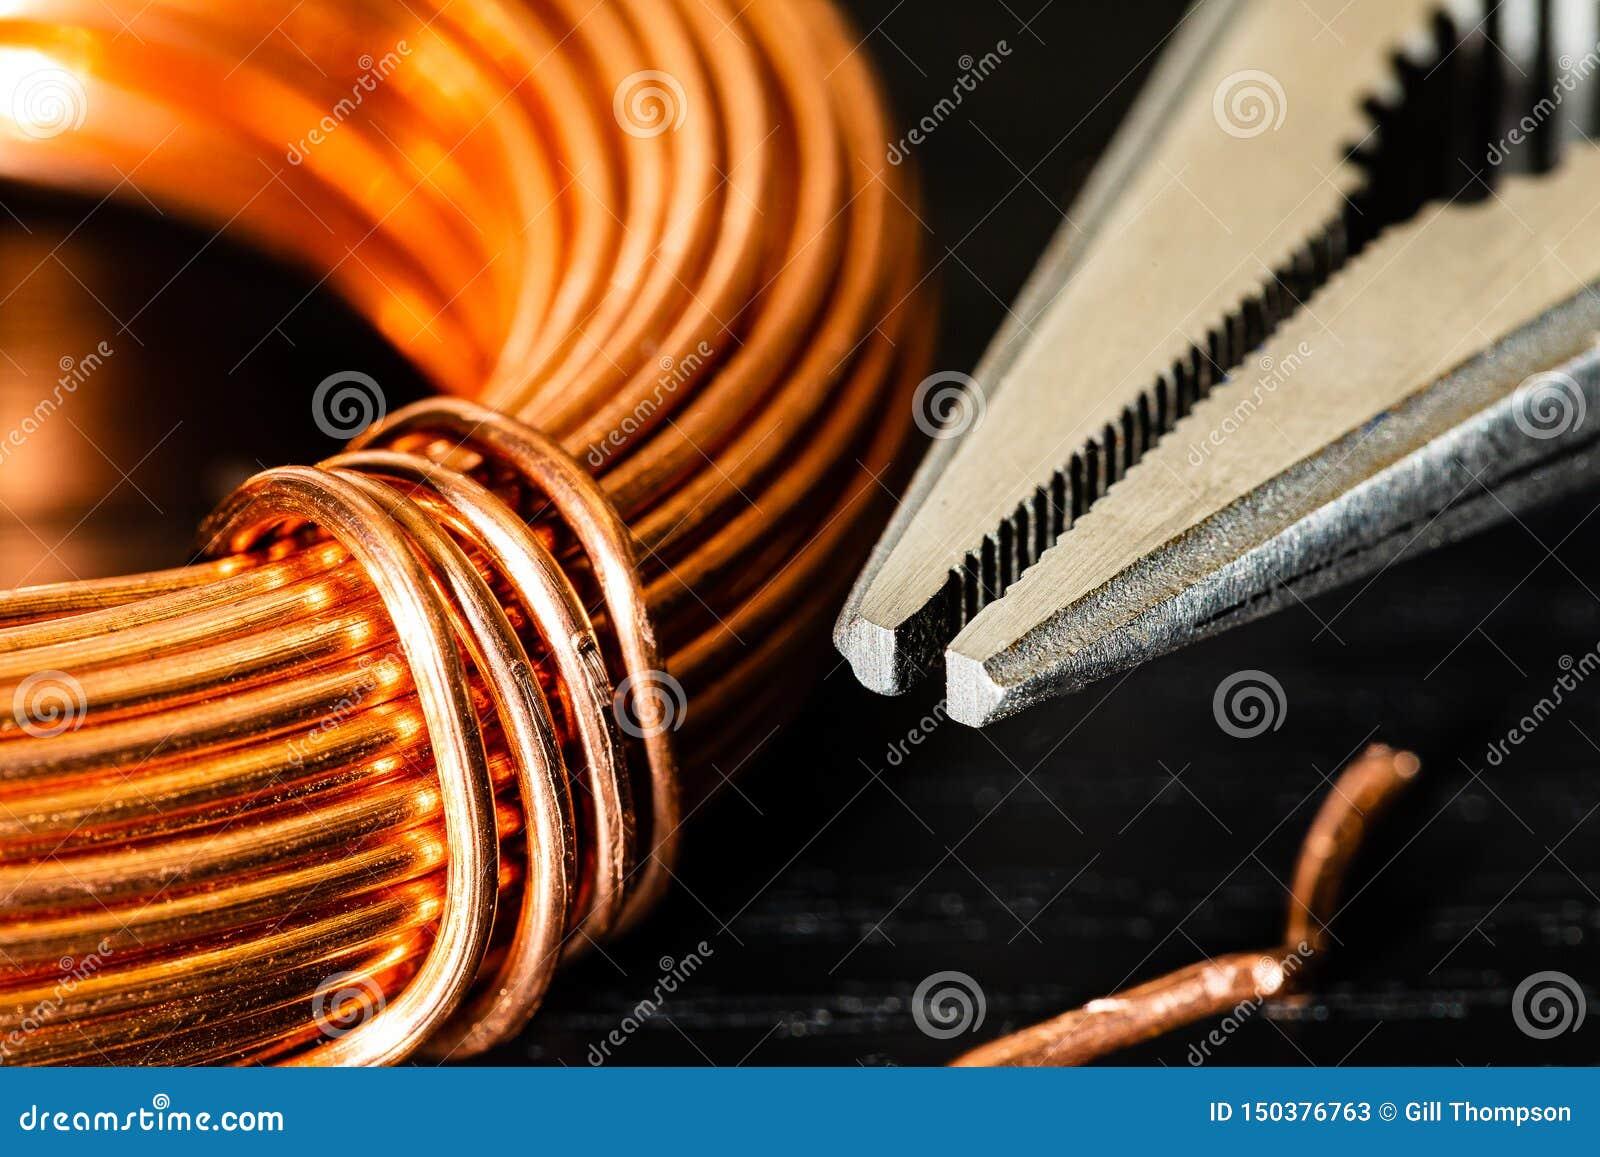 Imagen macra de una bobina del alambre de cobre y de un par de alicates de punta de aguja